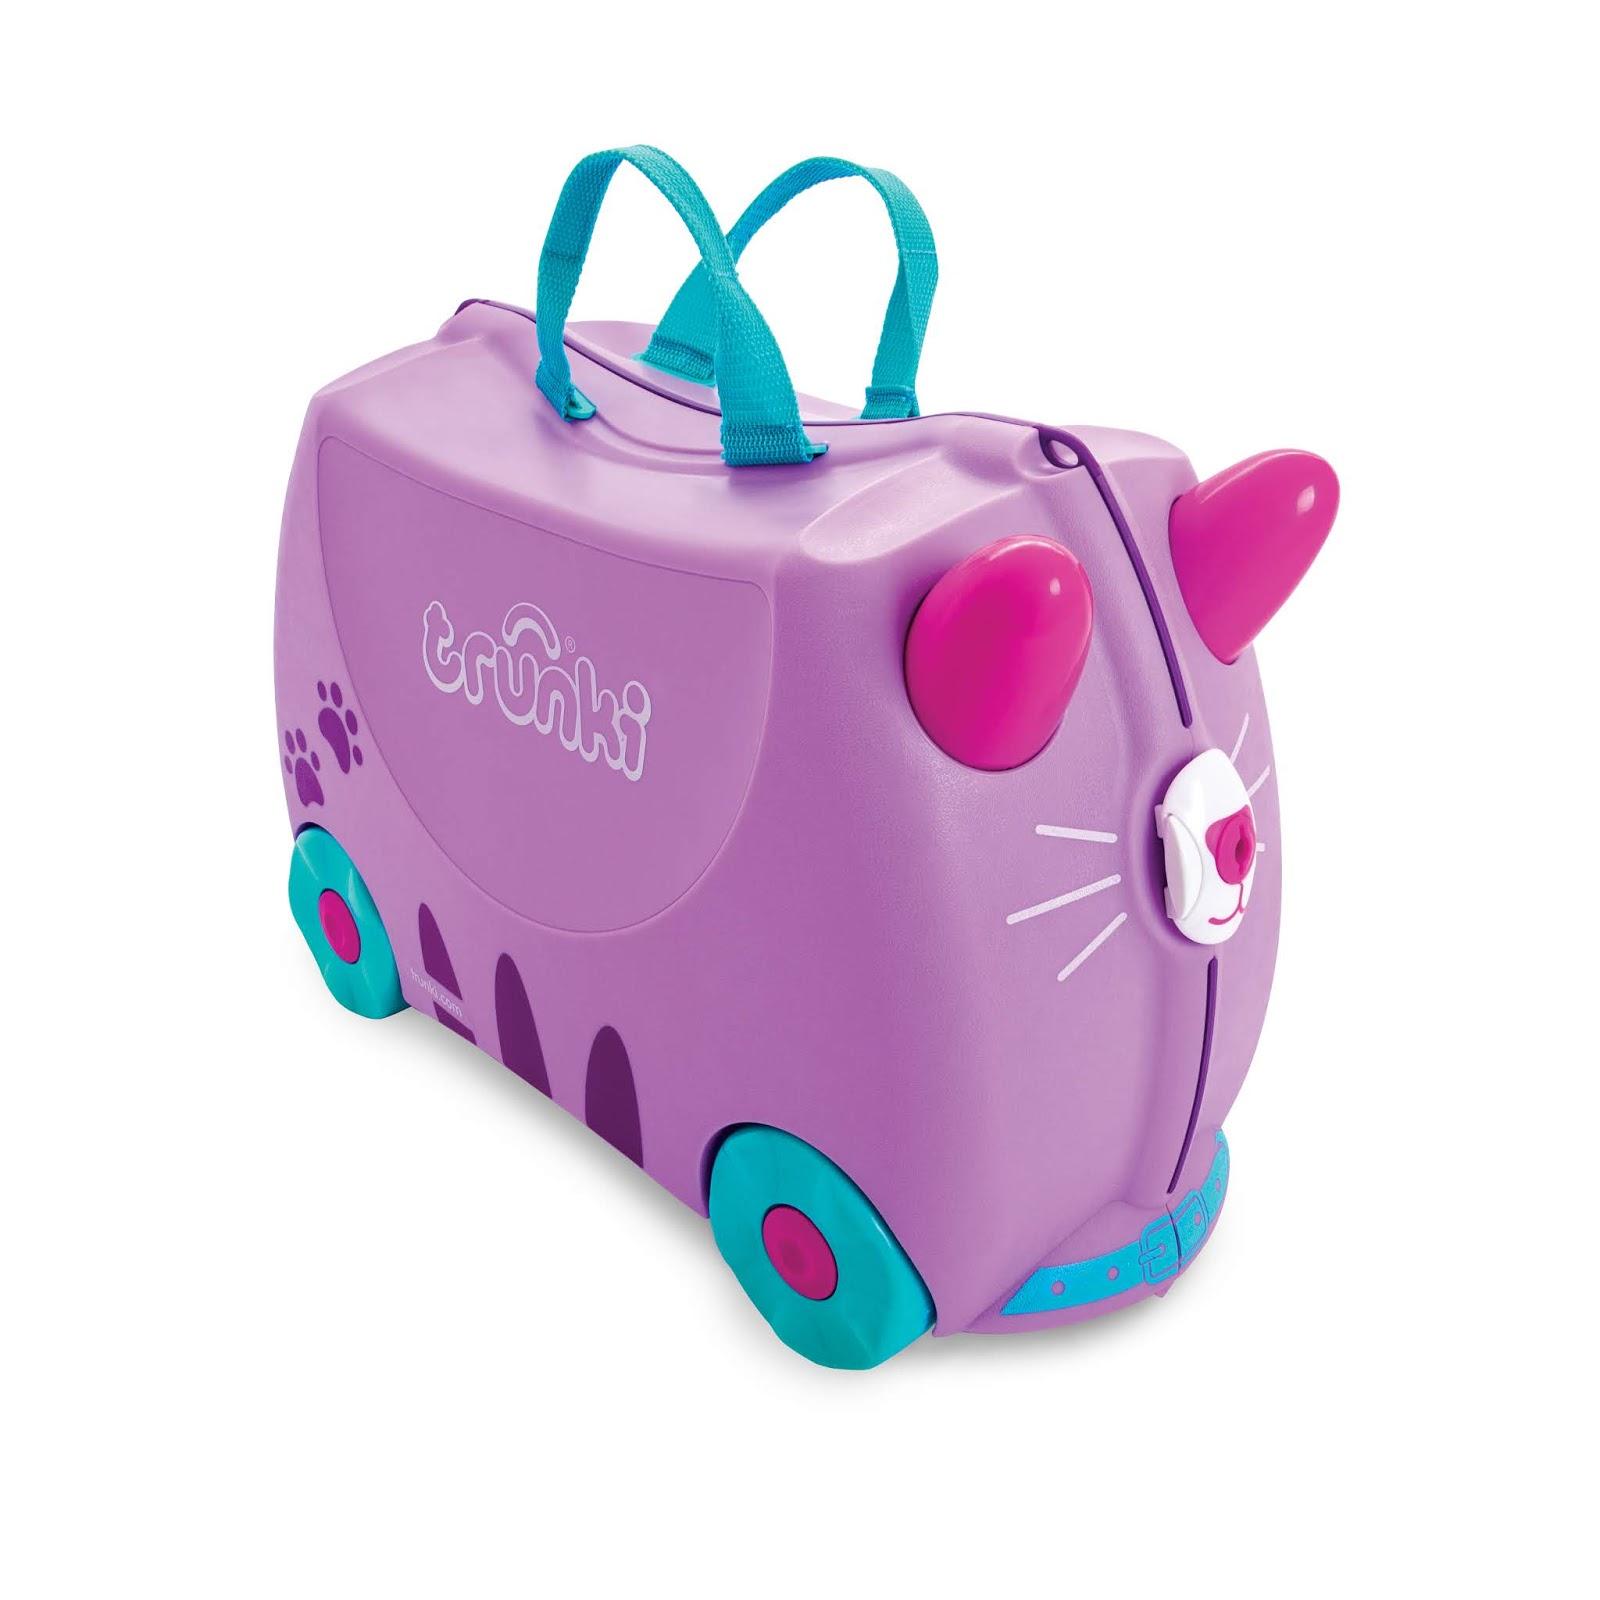 Mit dem Kinderkoffer Trunki auf große Reise gehen